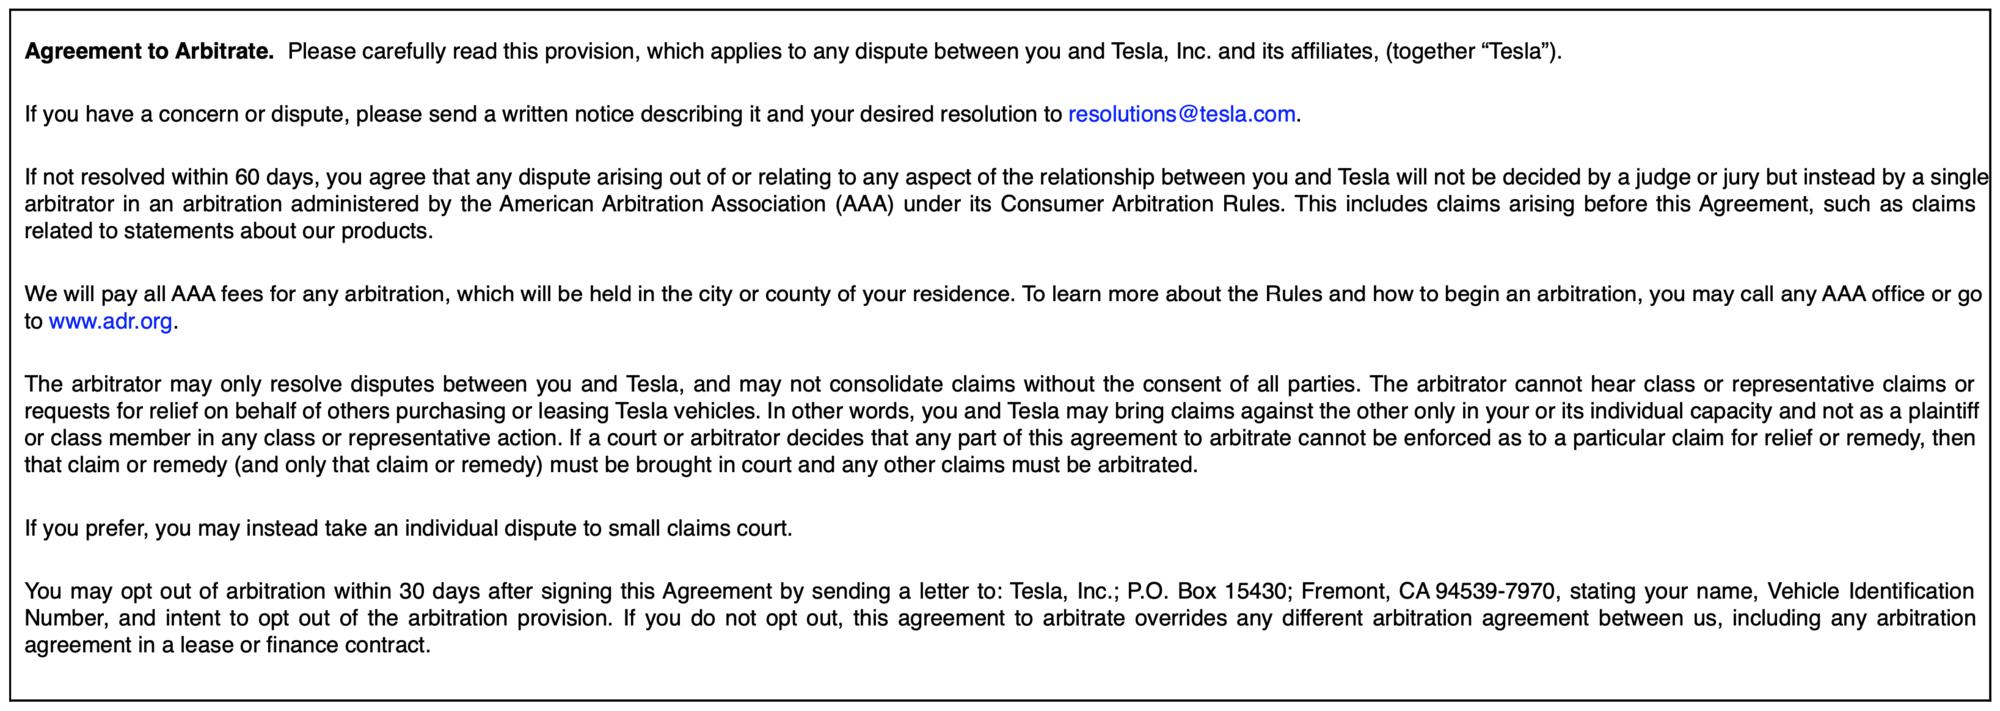 Tesla Arbitration.png